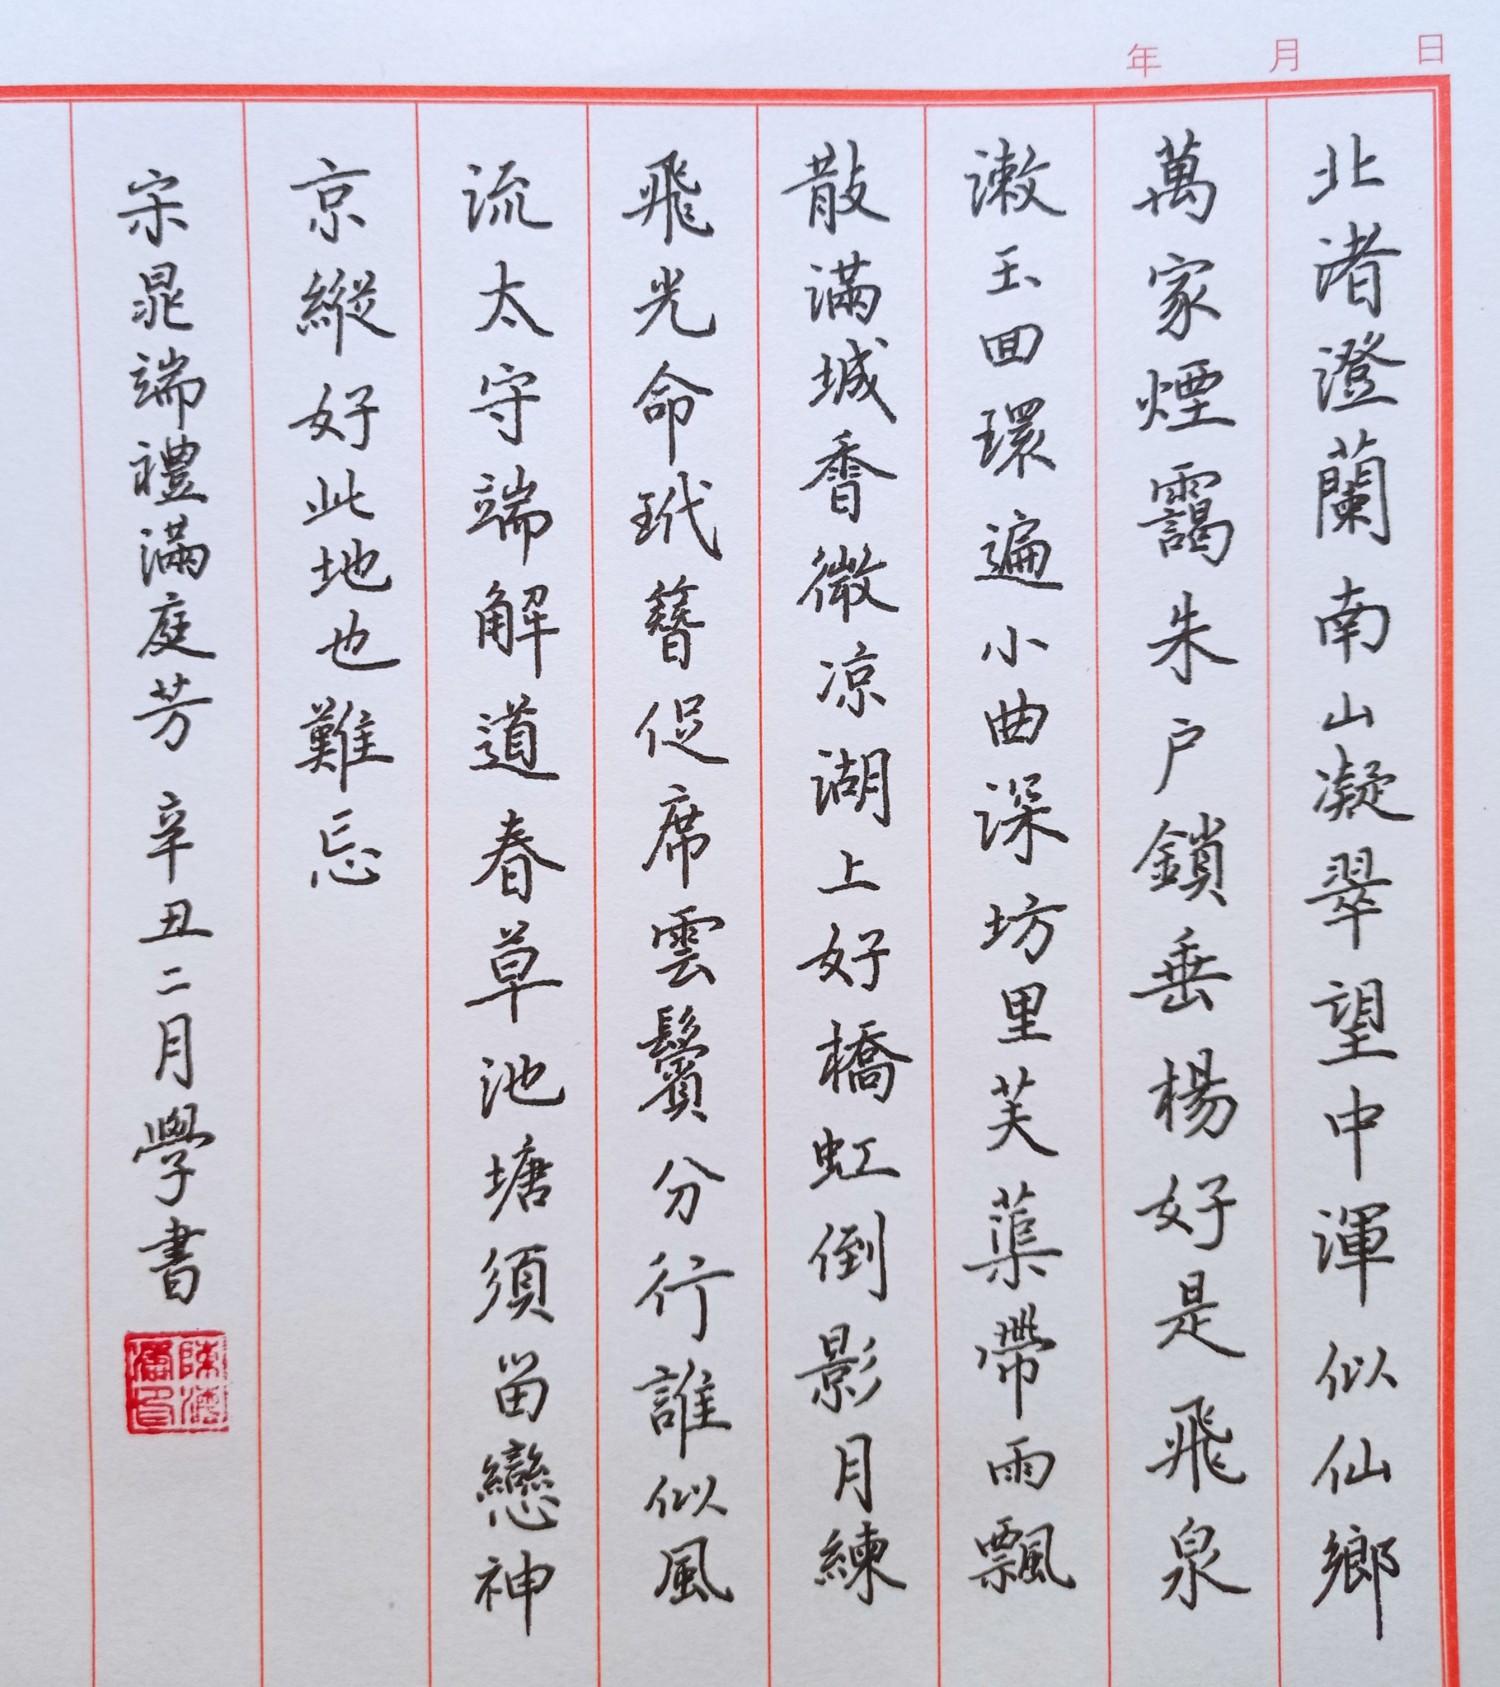 钢笔爱好者练字打卡20210330-16